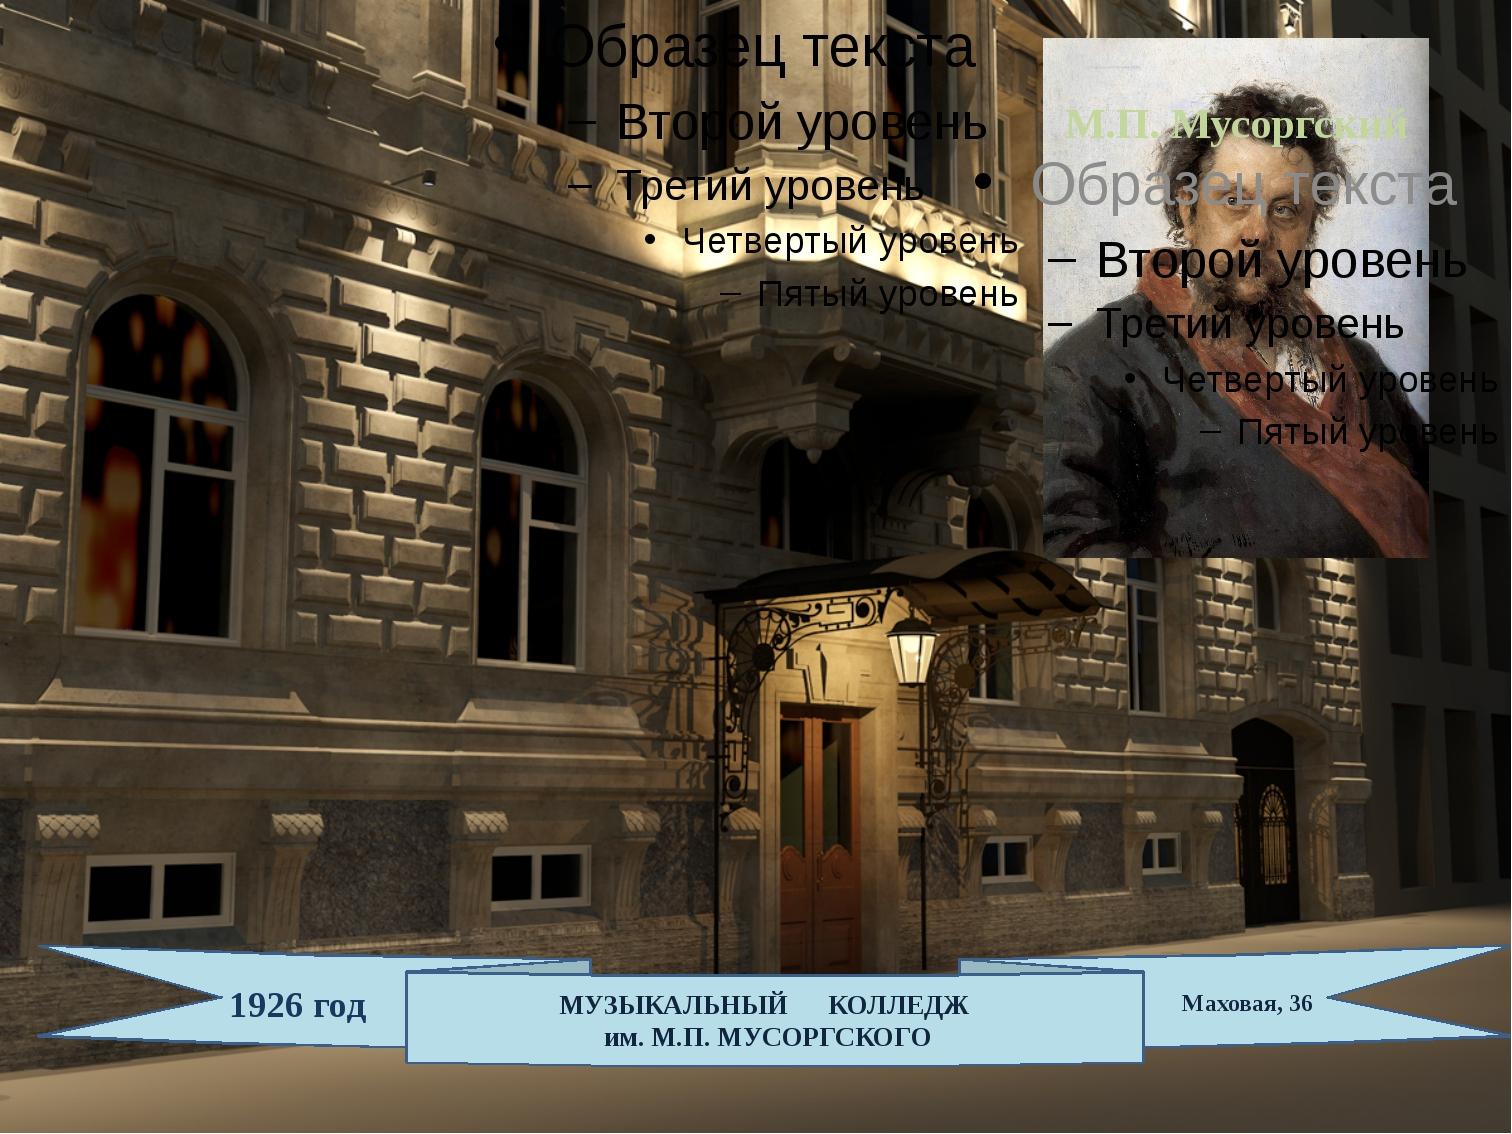 МУЗЫКАЛЬНЫЙ КОЛЛЕДЖ им. М.П. МУСОРГСКОГО 1926 год Маховая, 36 М.П. Мусоргский